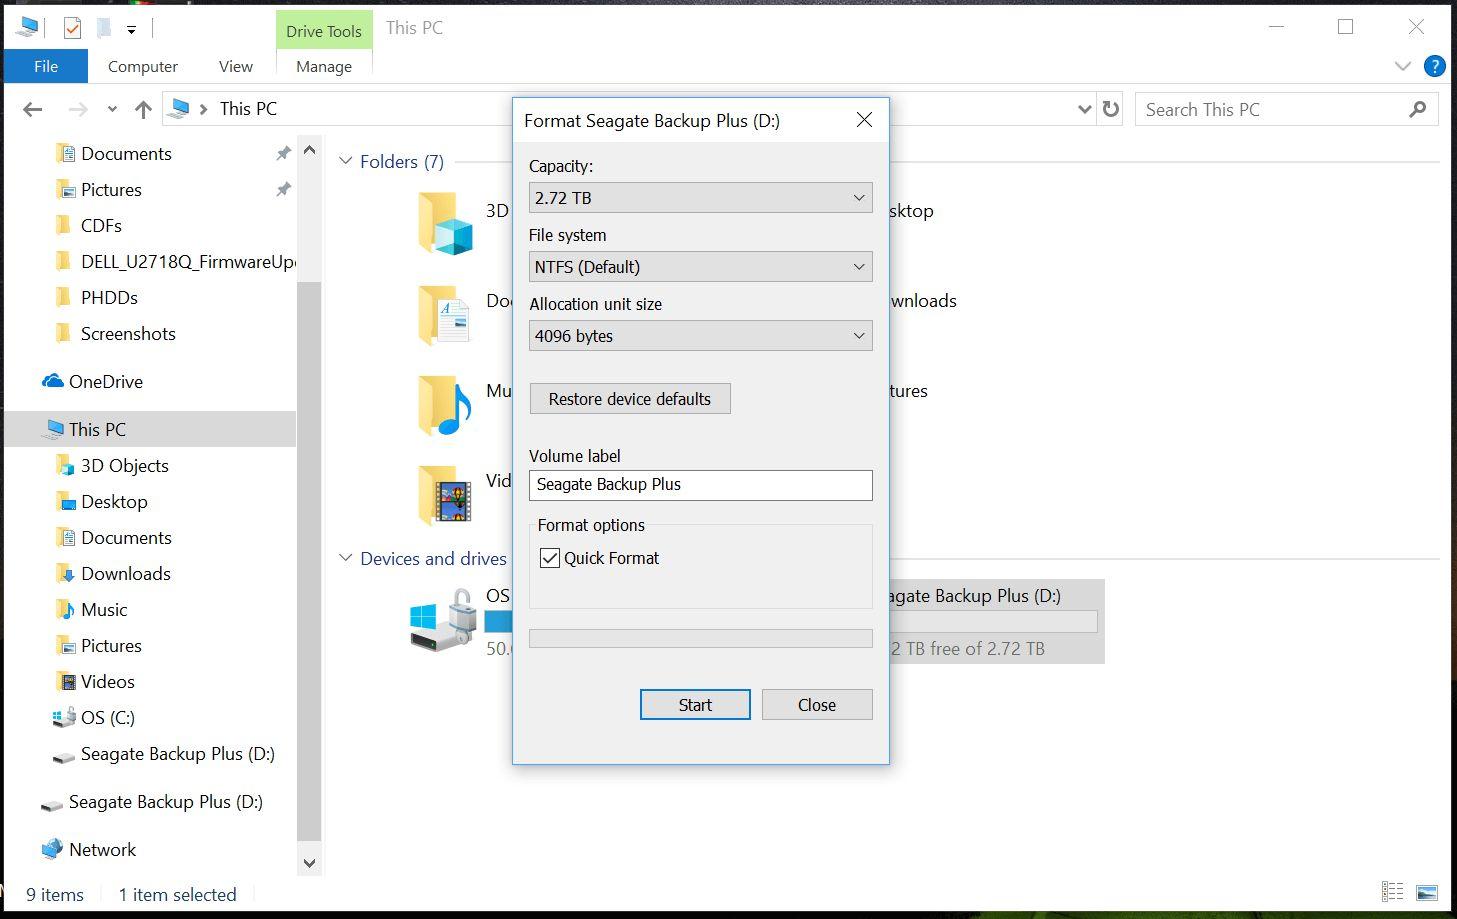 إعادة تهيئة محرك أقراص على نظام Windows